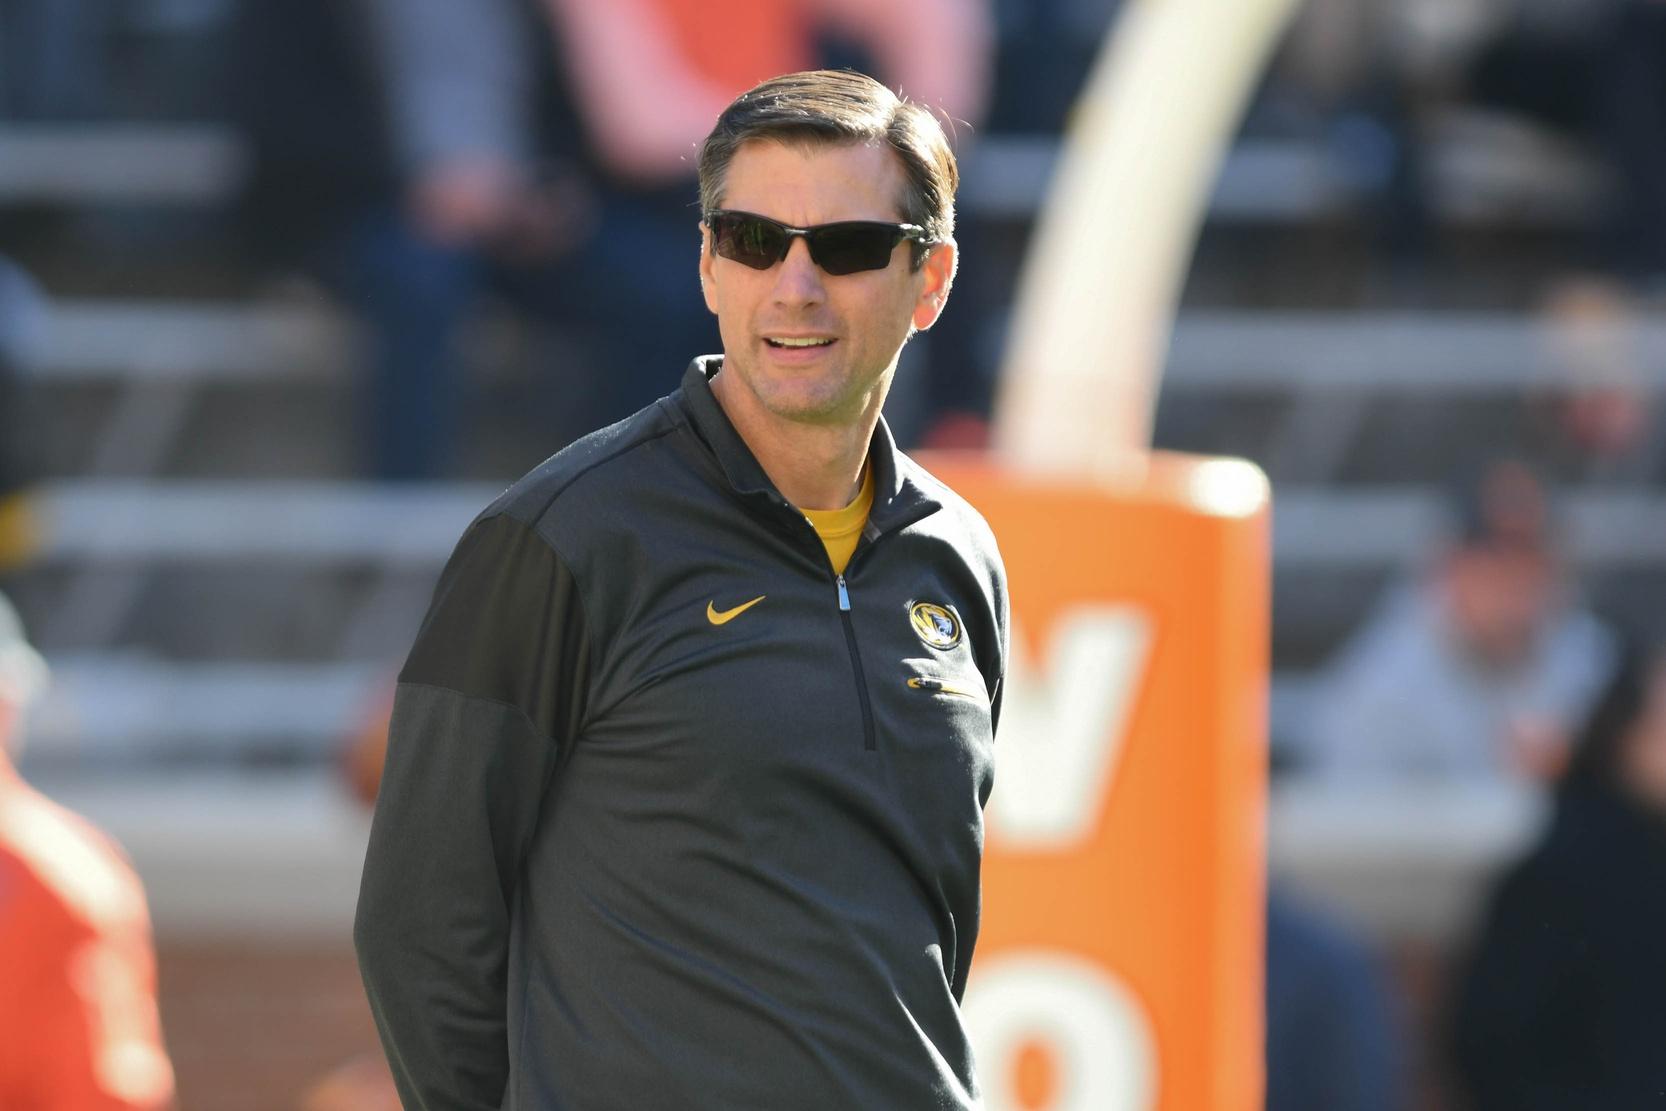 Giants Add Derek Dooley to Assistant Coaching Staff